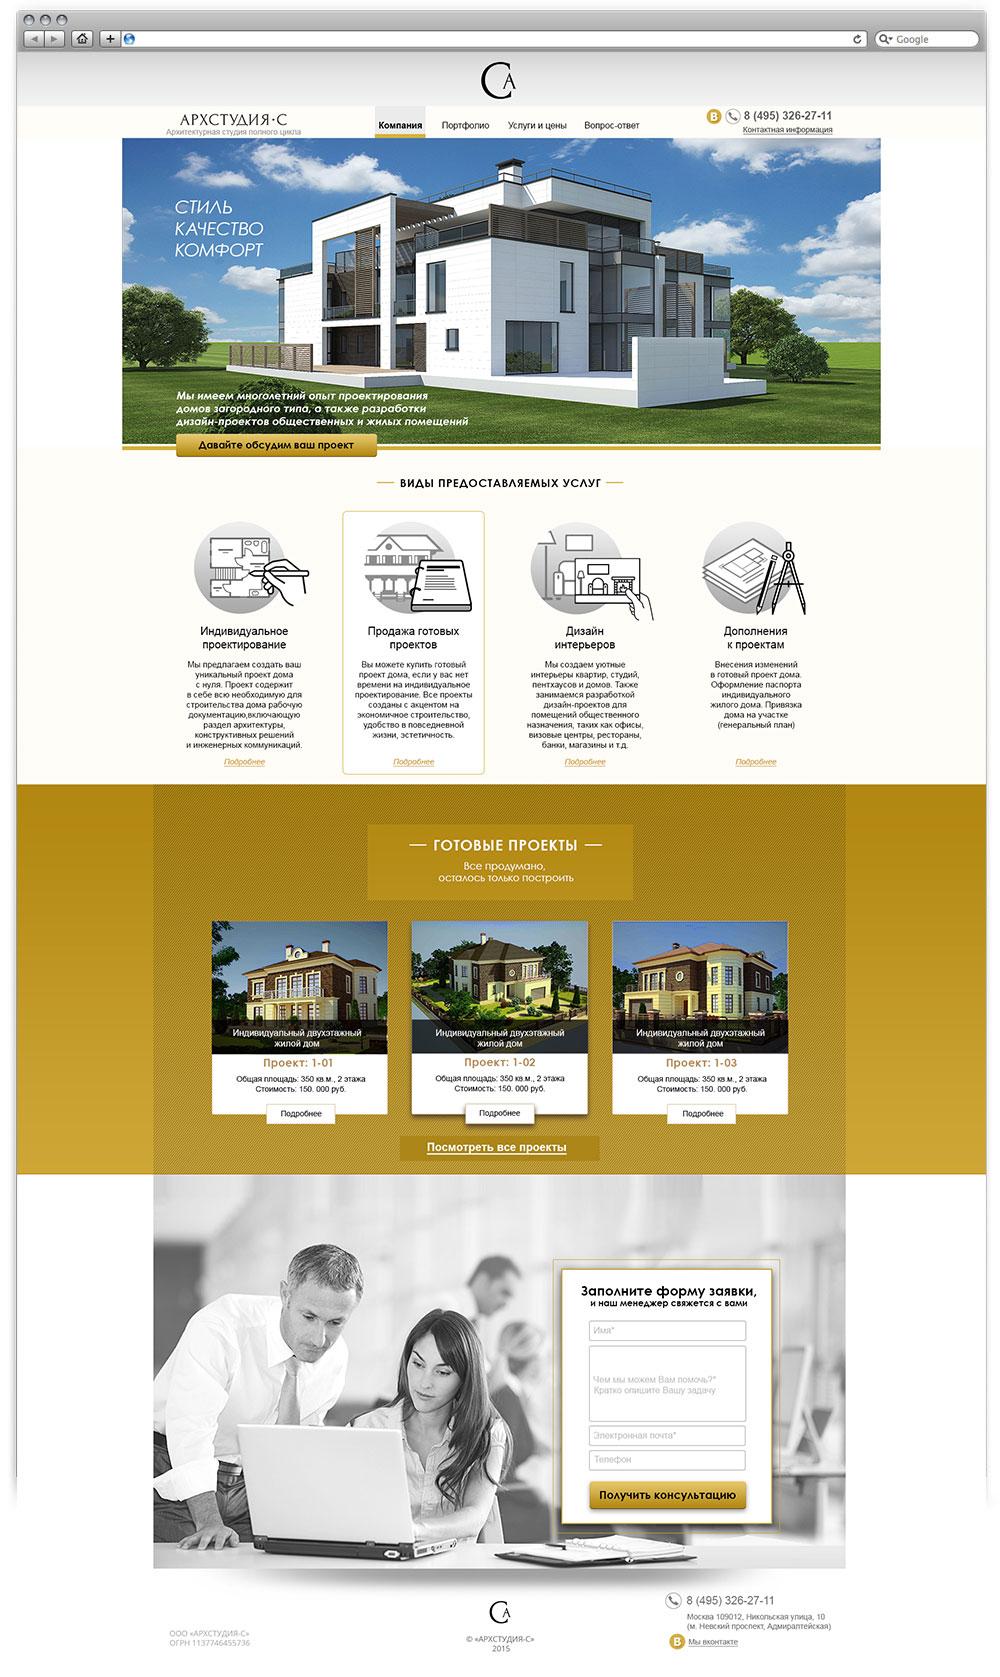 Разработка сайта для студии дизайна интерьера